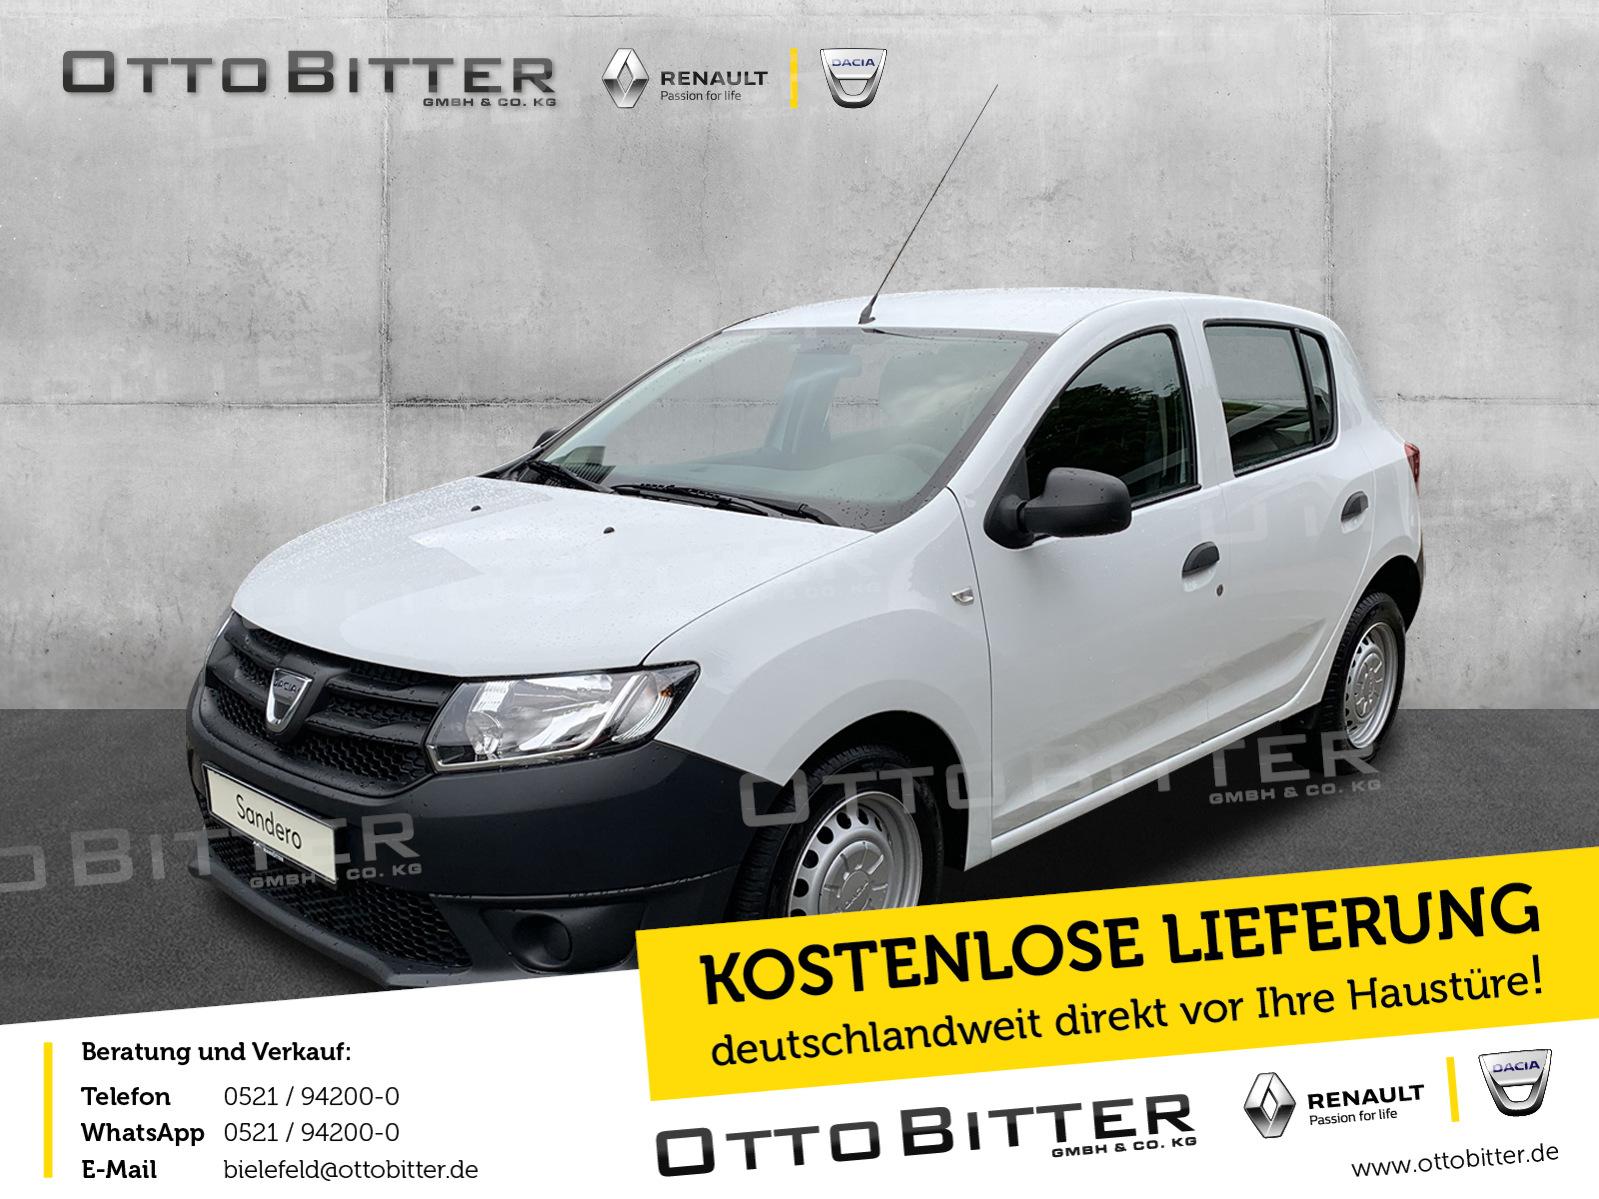 Dacia Sandero Essentiel 1.2 GANZJAHRESREIFEN/RADIO, Jahr 2014, Benzin